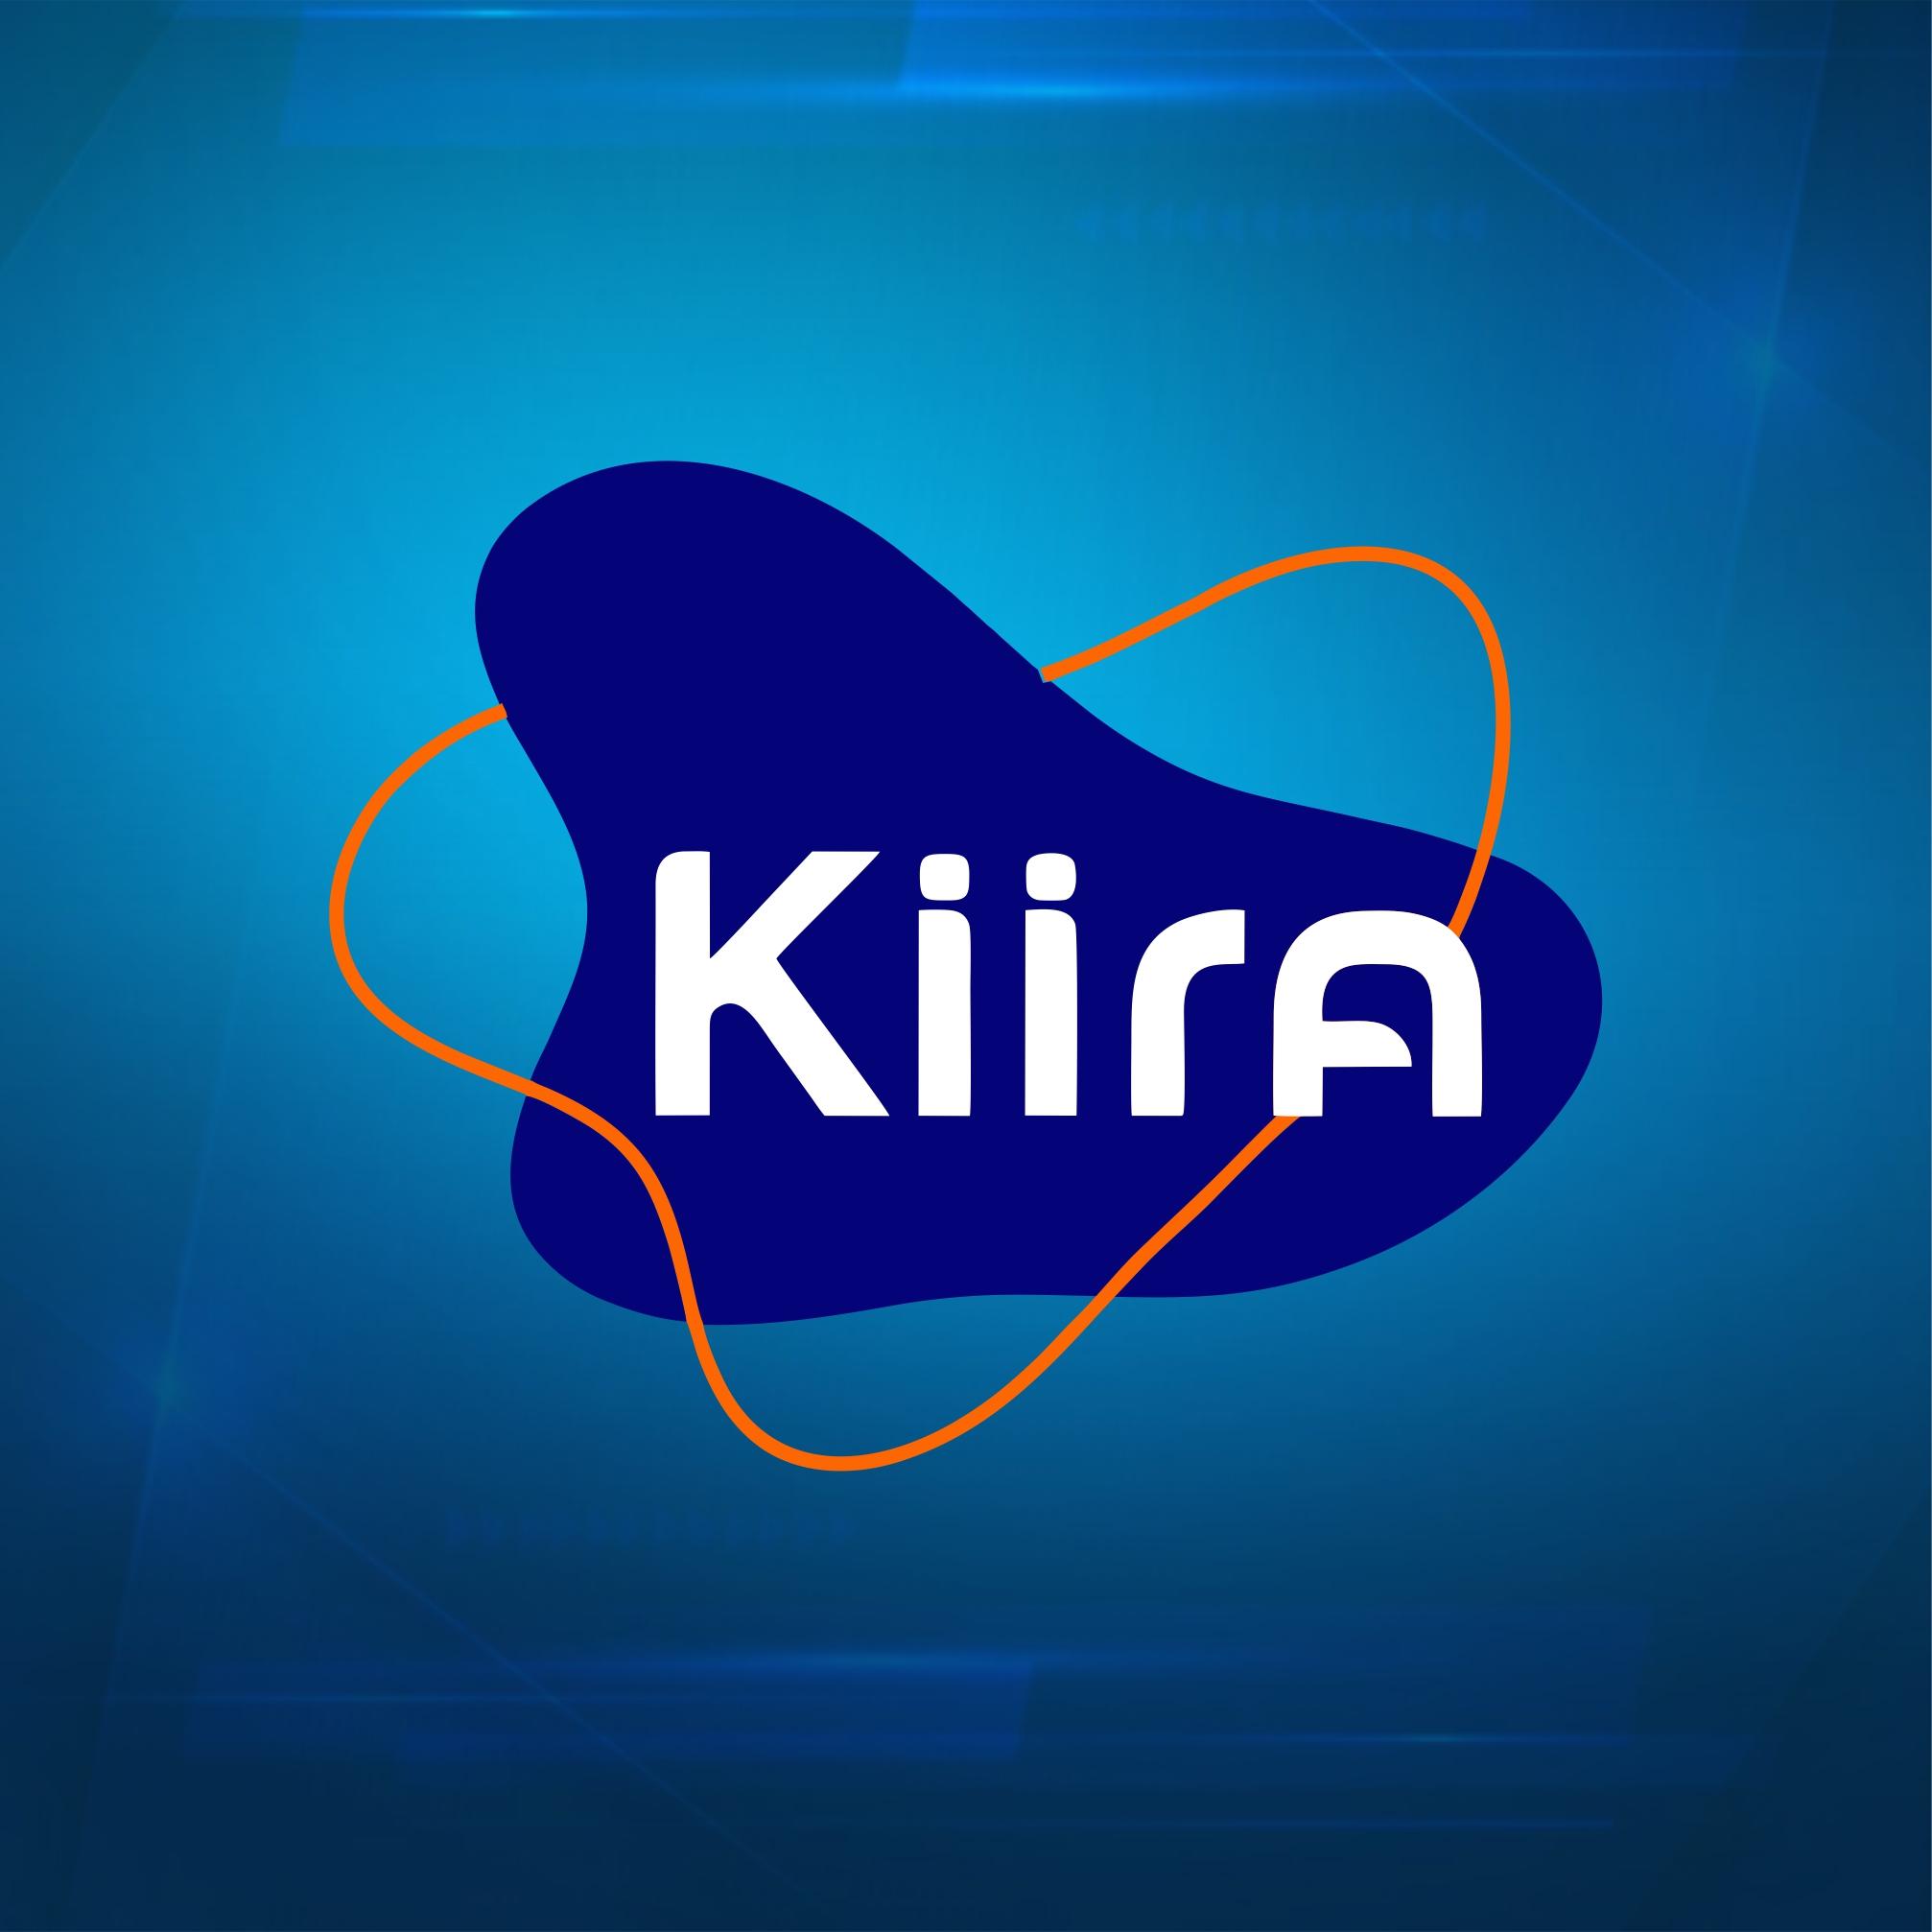 KIRA (1)